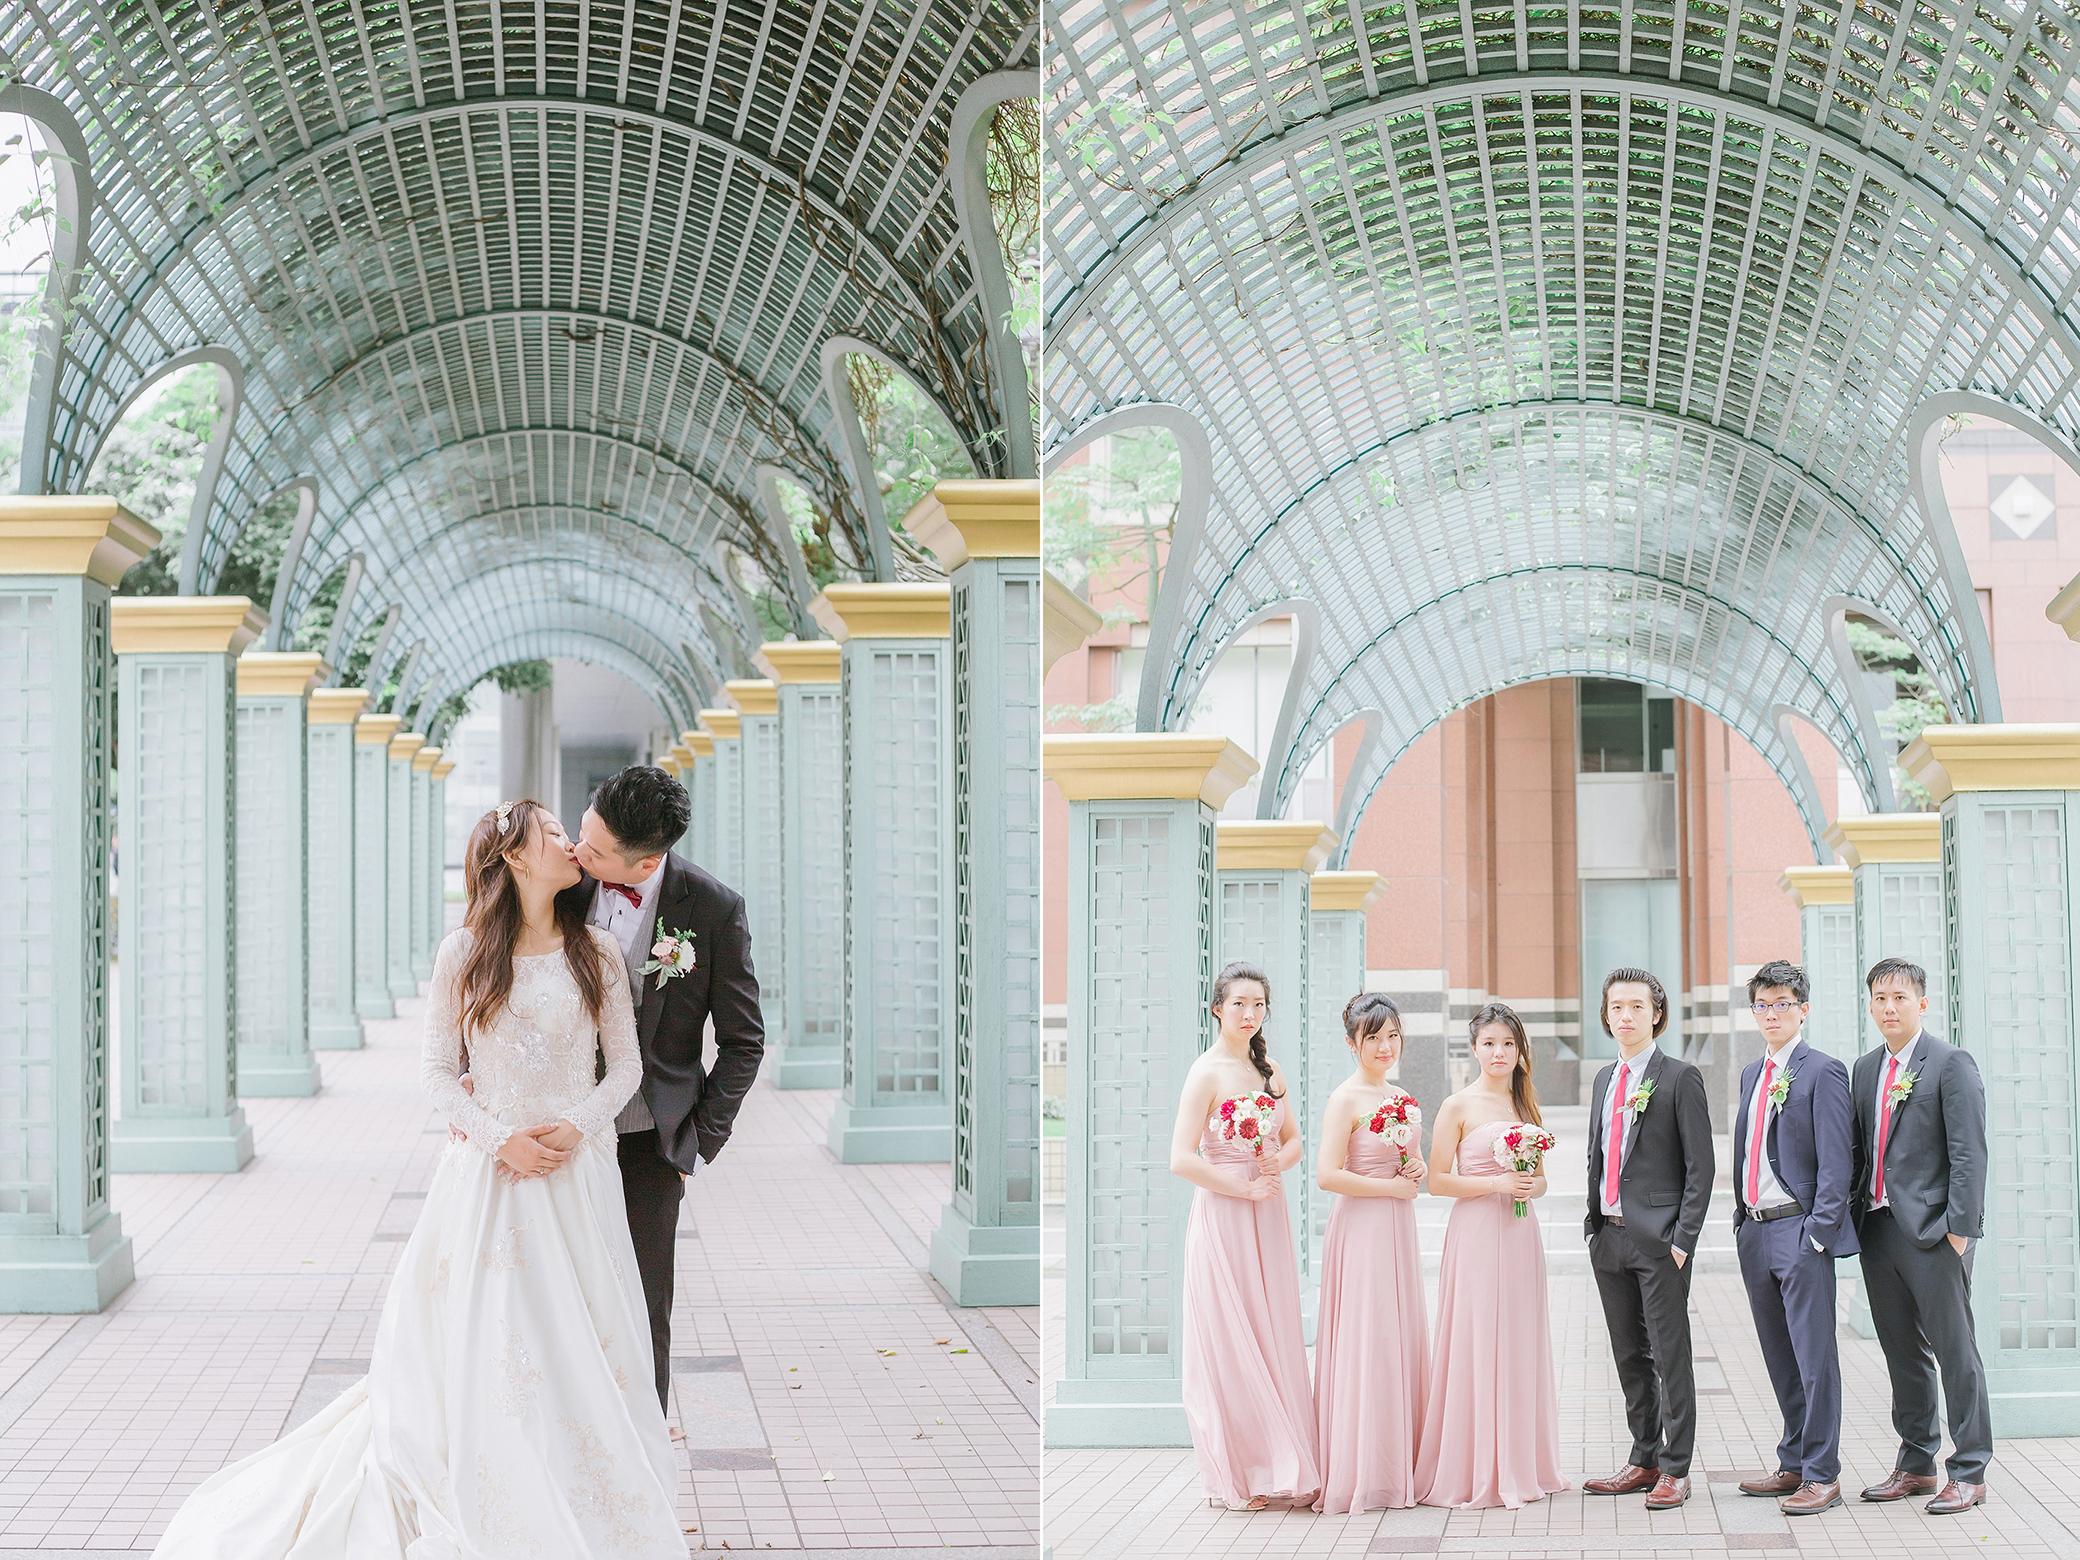 nickchang-wedding-%e5%af%92%e8%88%8d%e8%89%be%e9%ba%97-fineart-41